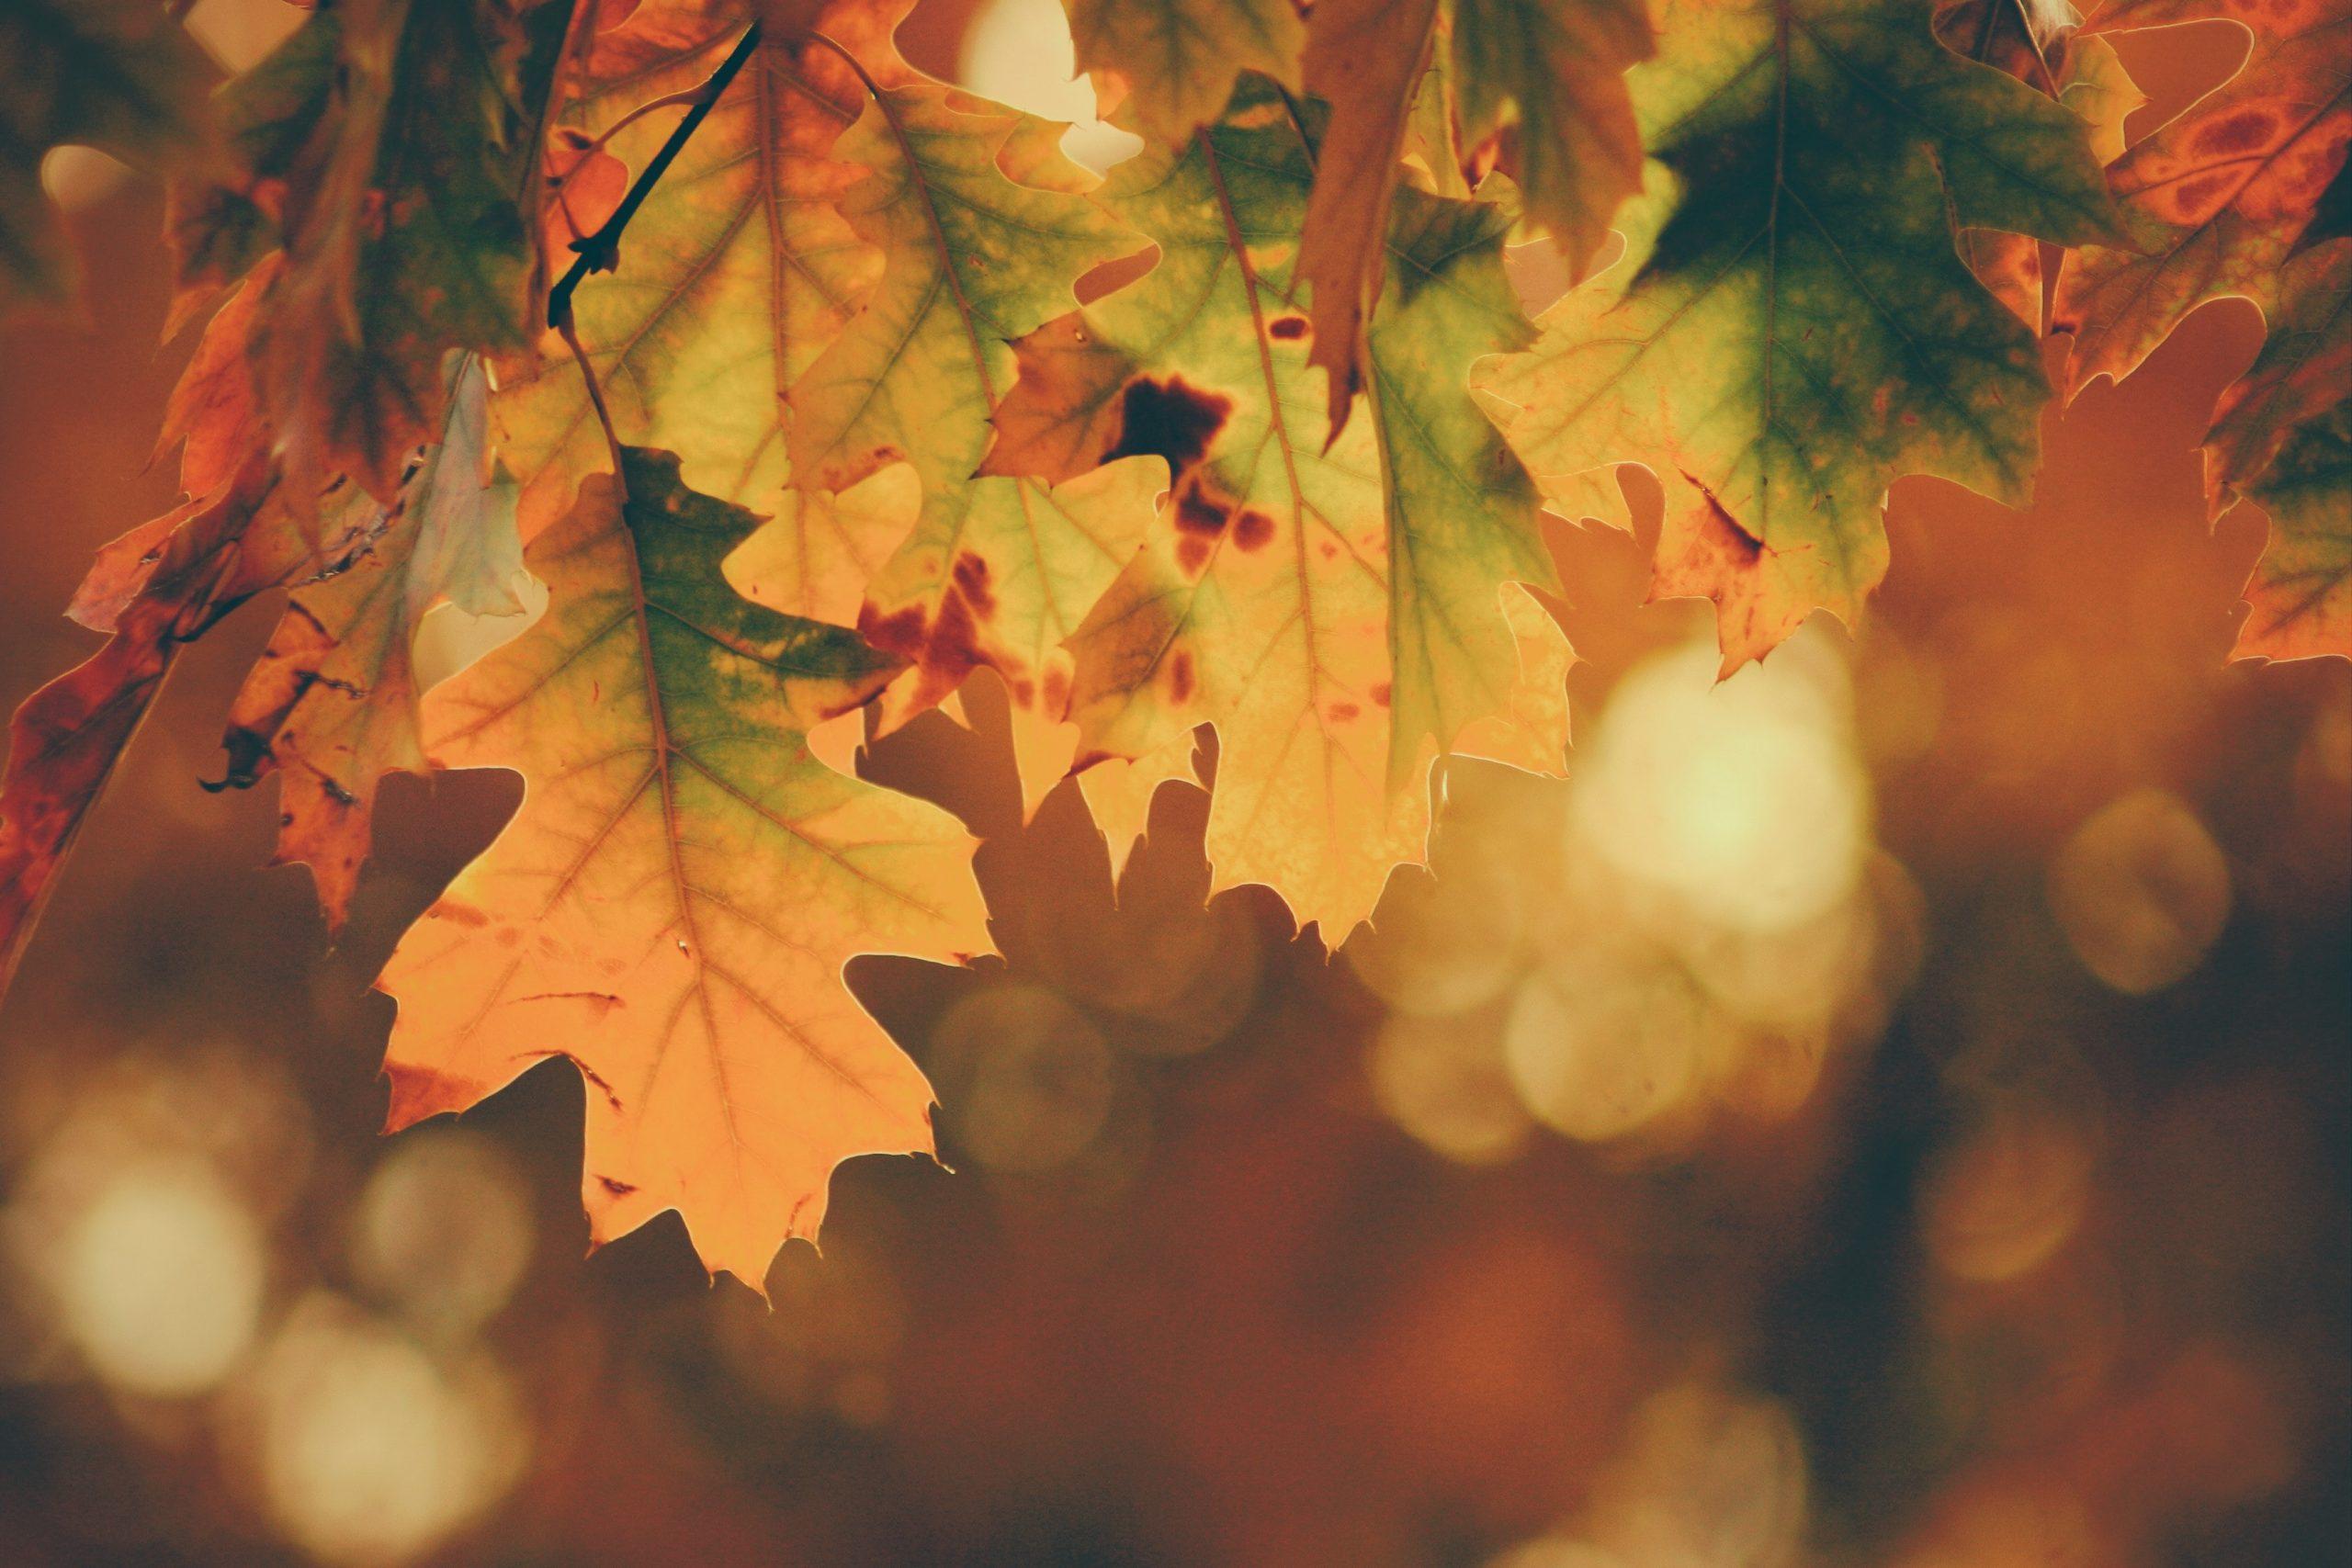 Equinozio di autunno 2020: cos'è e quando inizia davvero l'autunno